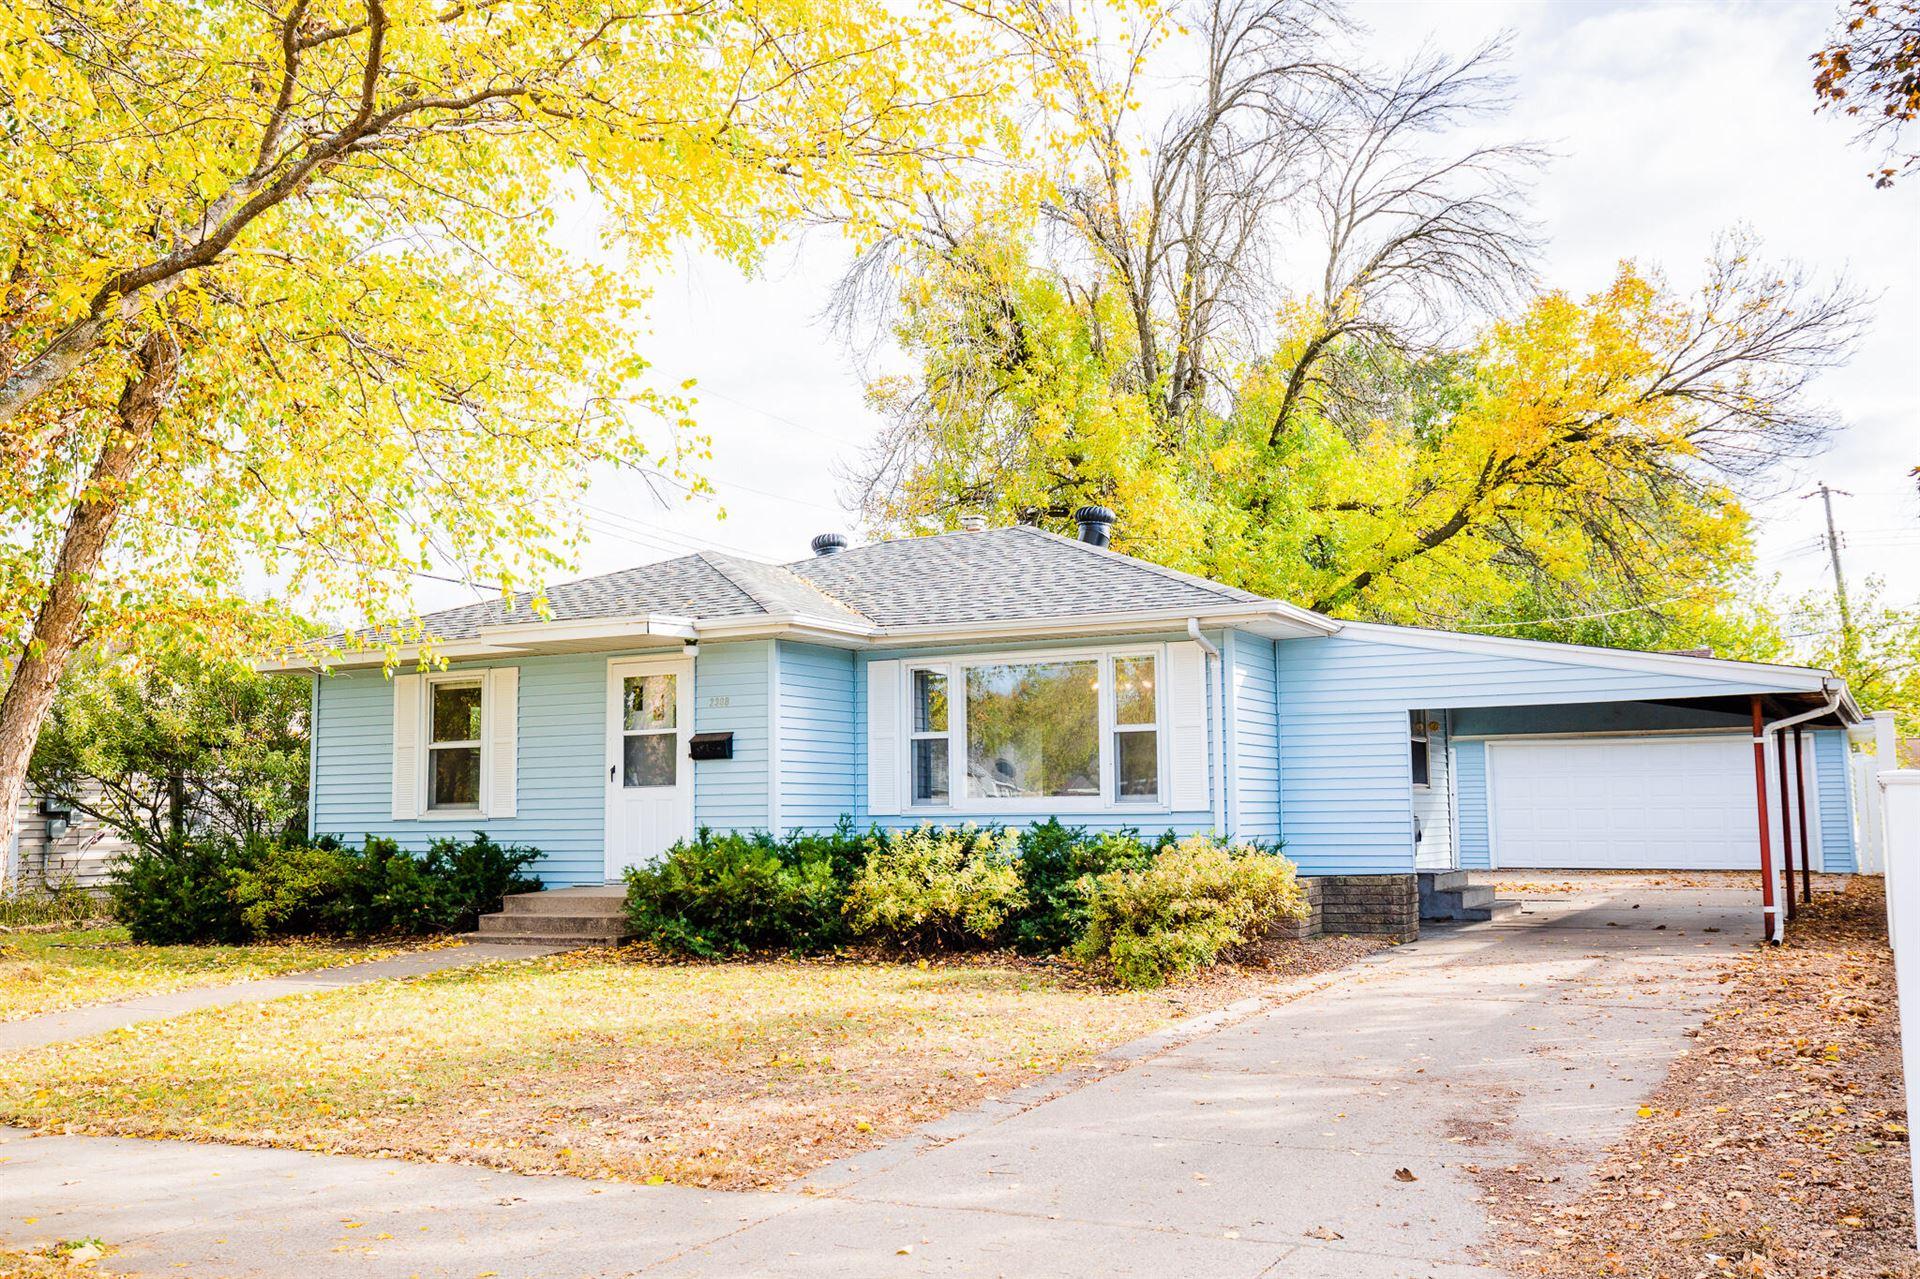 2308 Weston St, La Crosse, WI 54601 - MLS#: 1769104